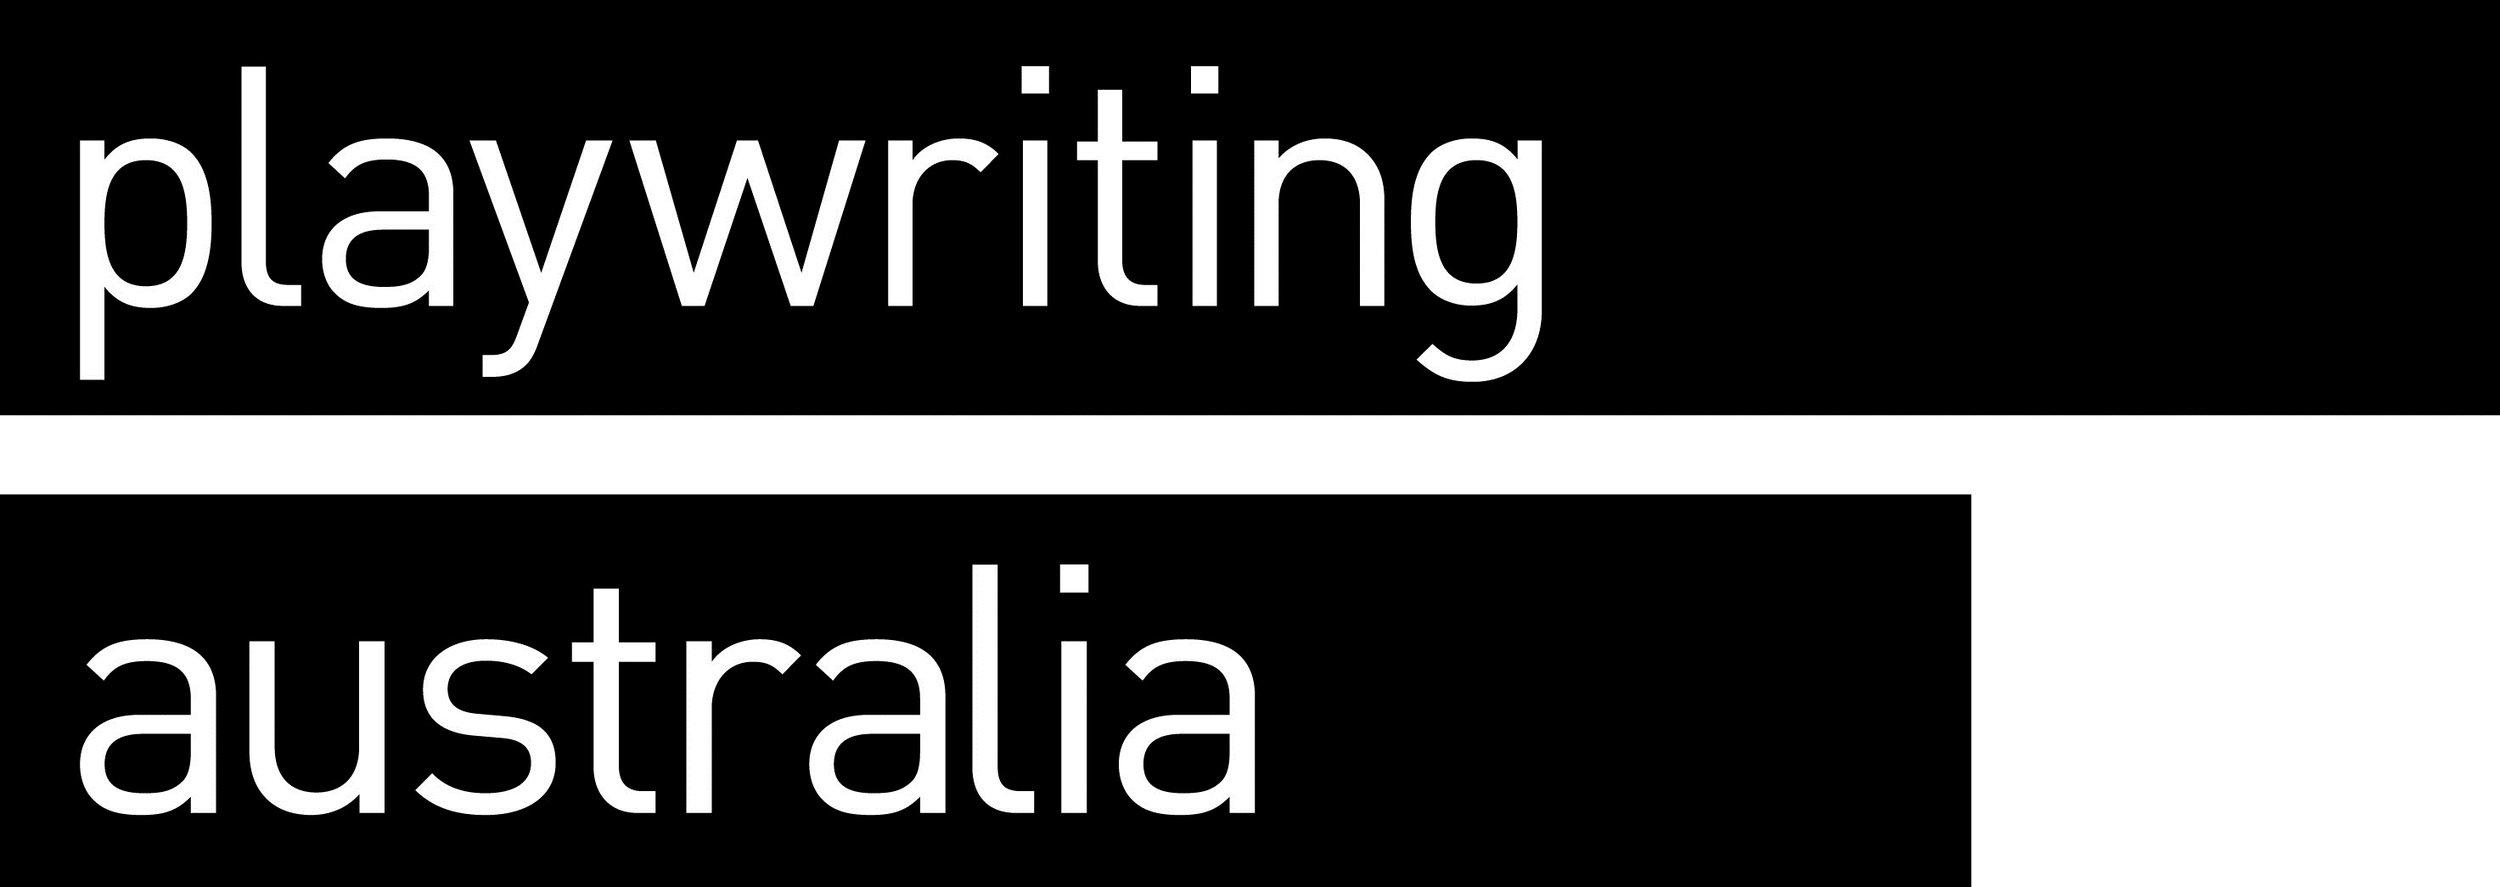 0-PWA-Logo-Black.jpg